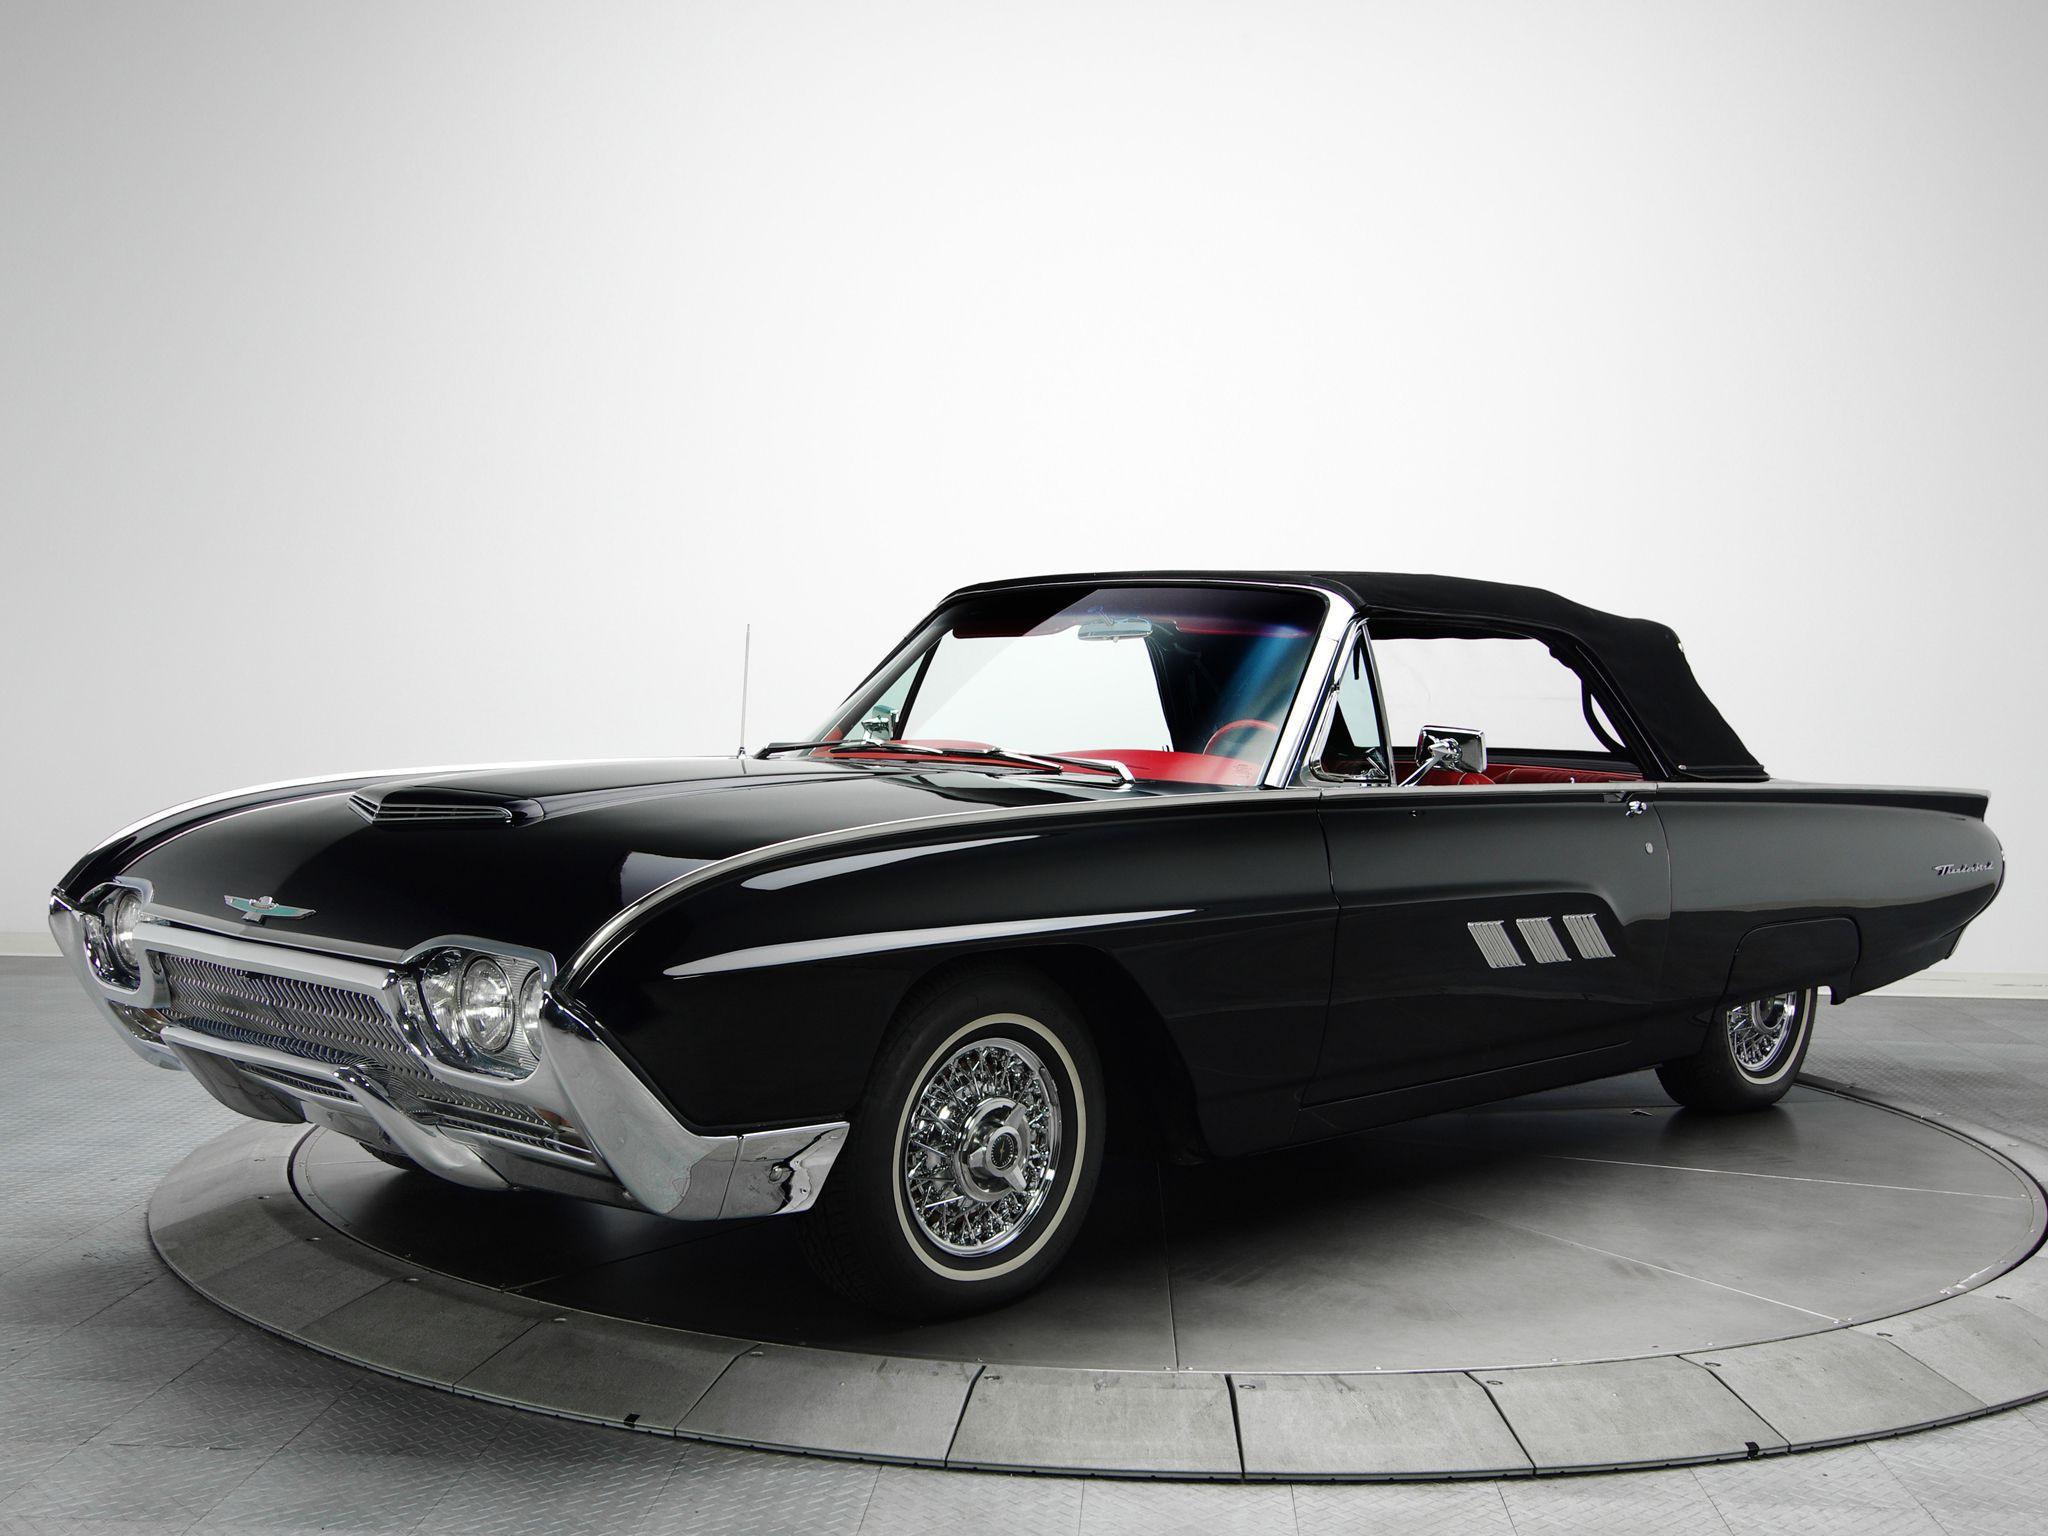 Ford Thunderbird Widescreen